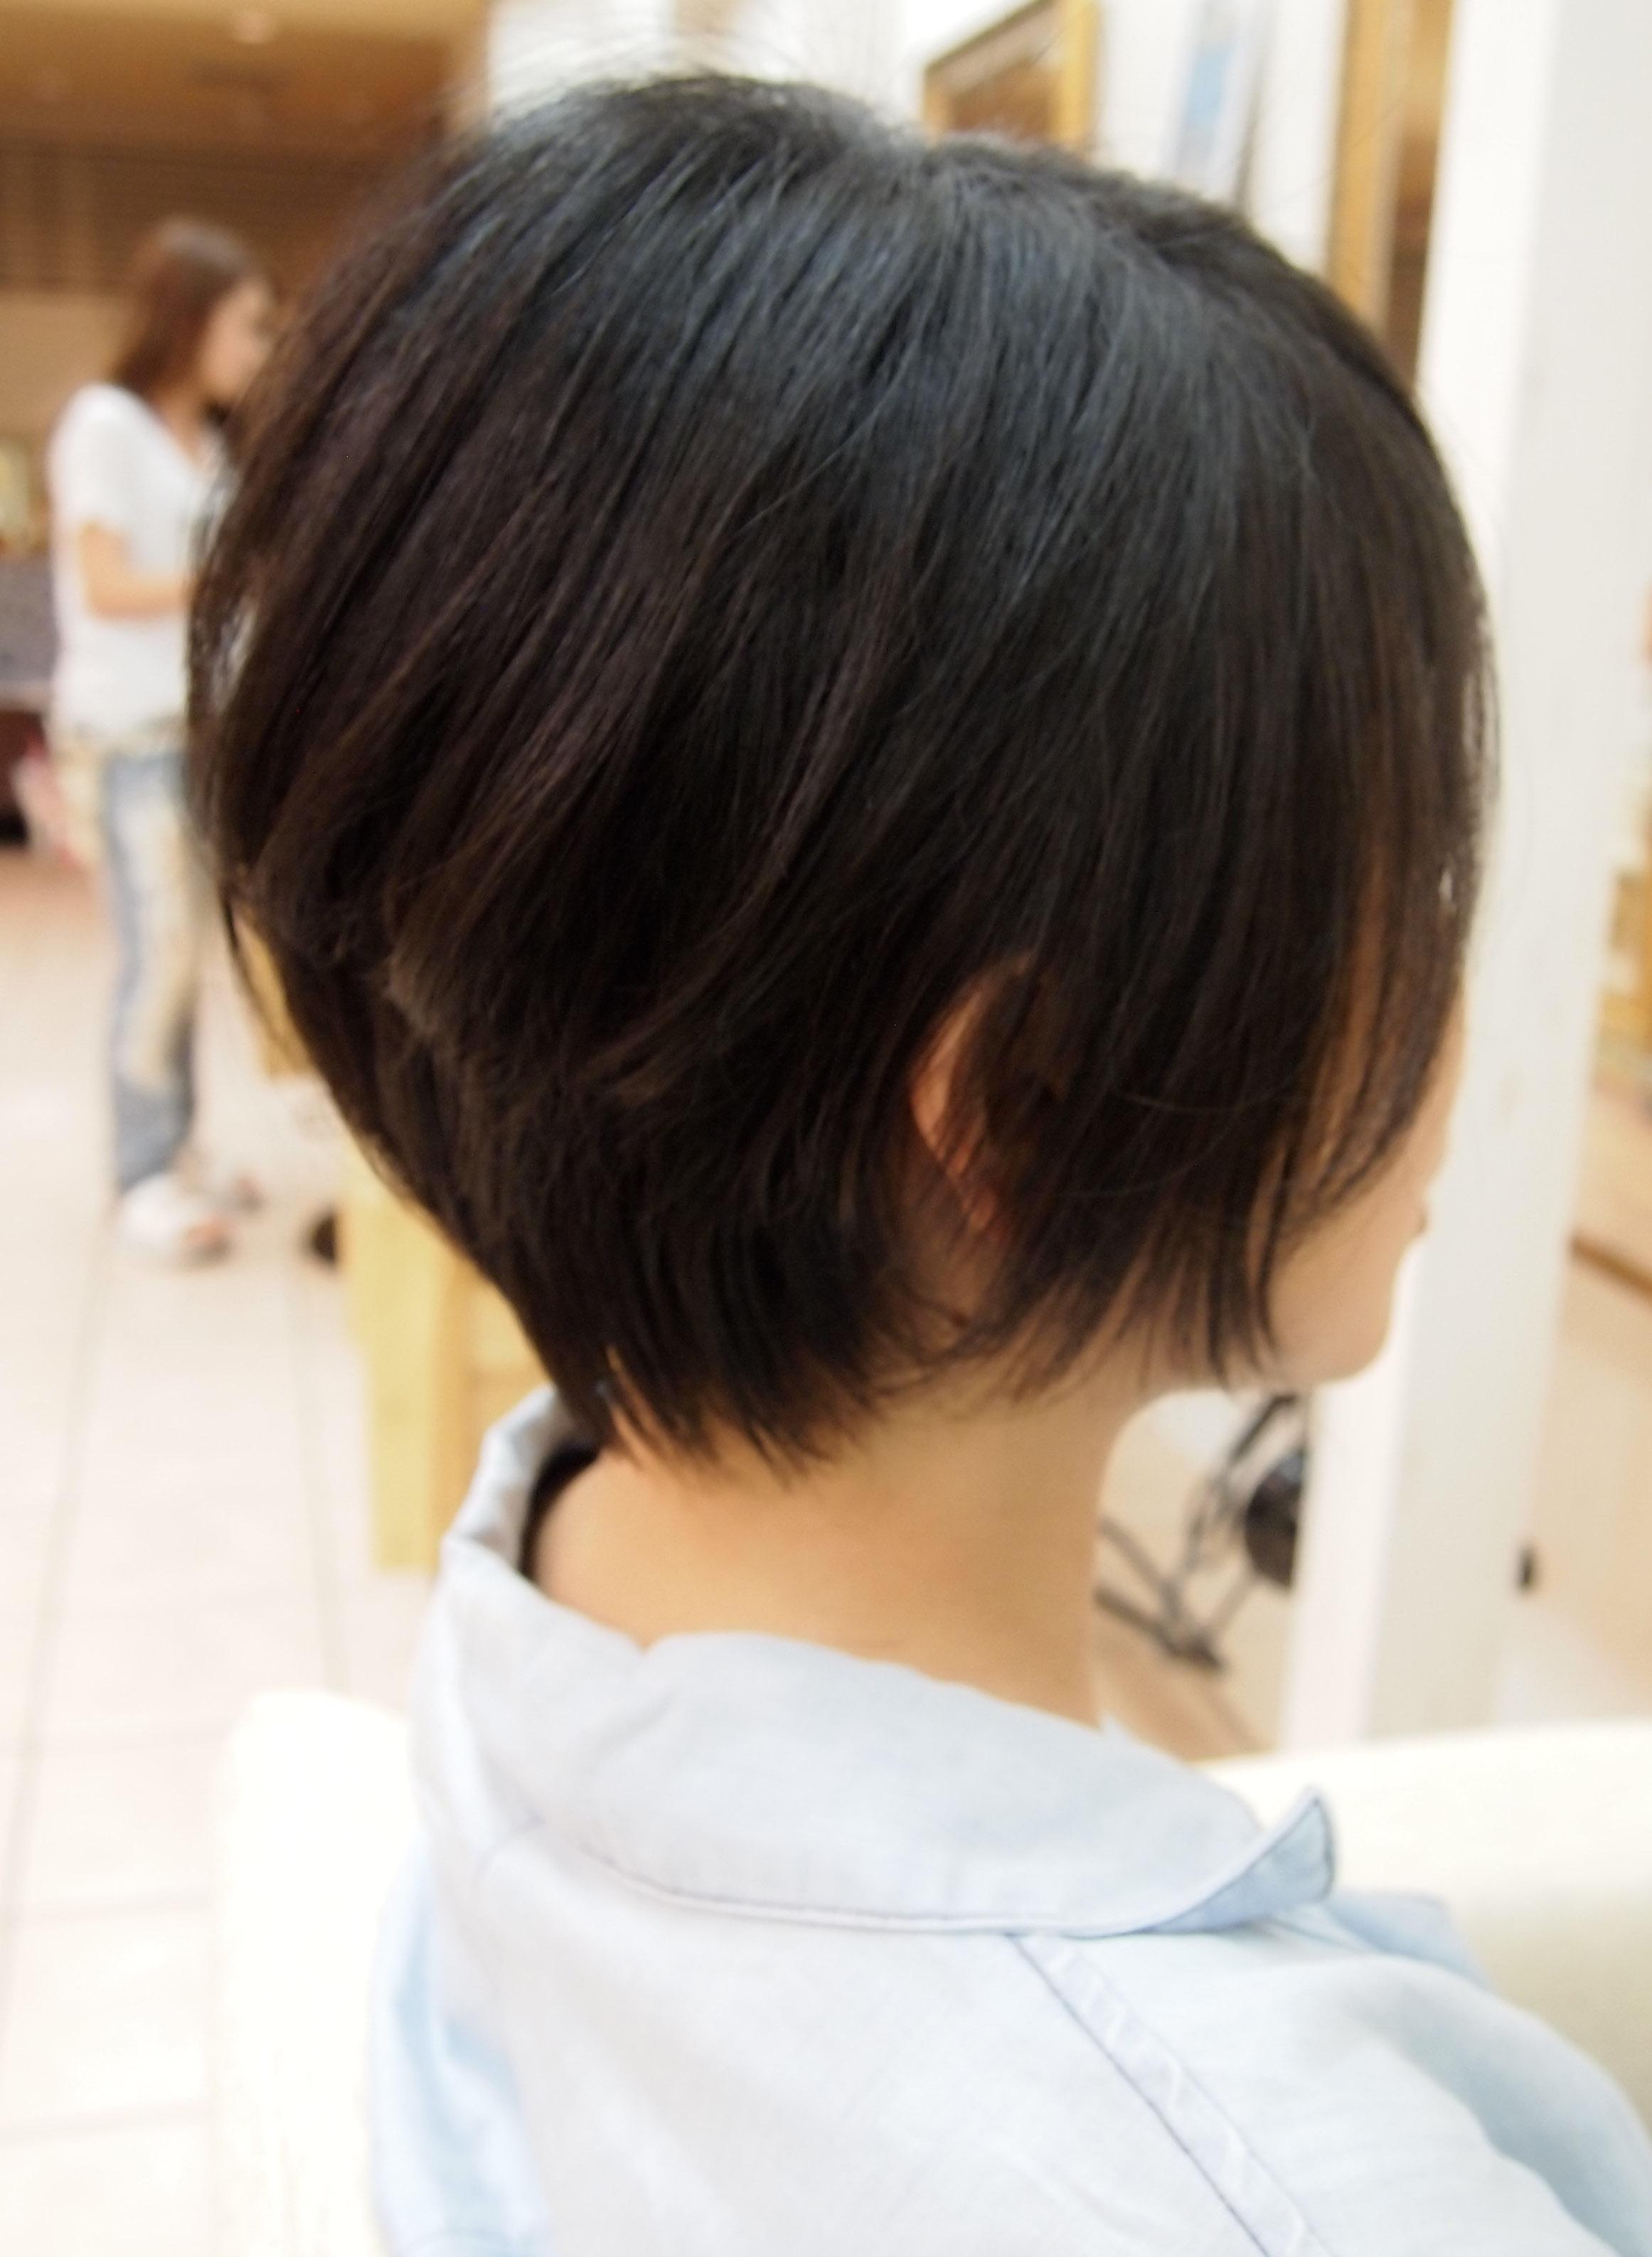 外 ハネ 50 代 髪型